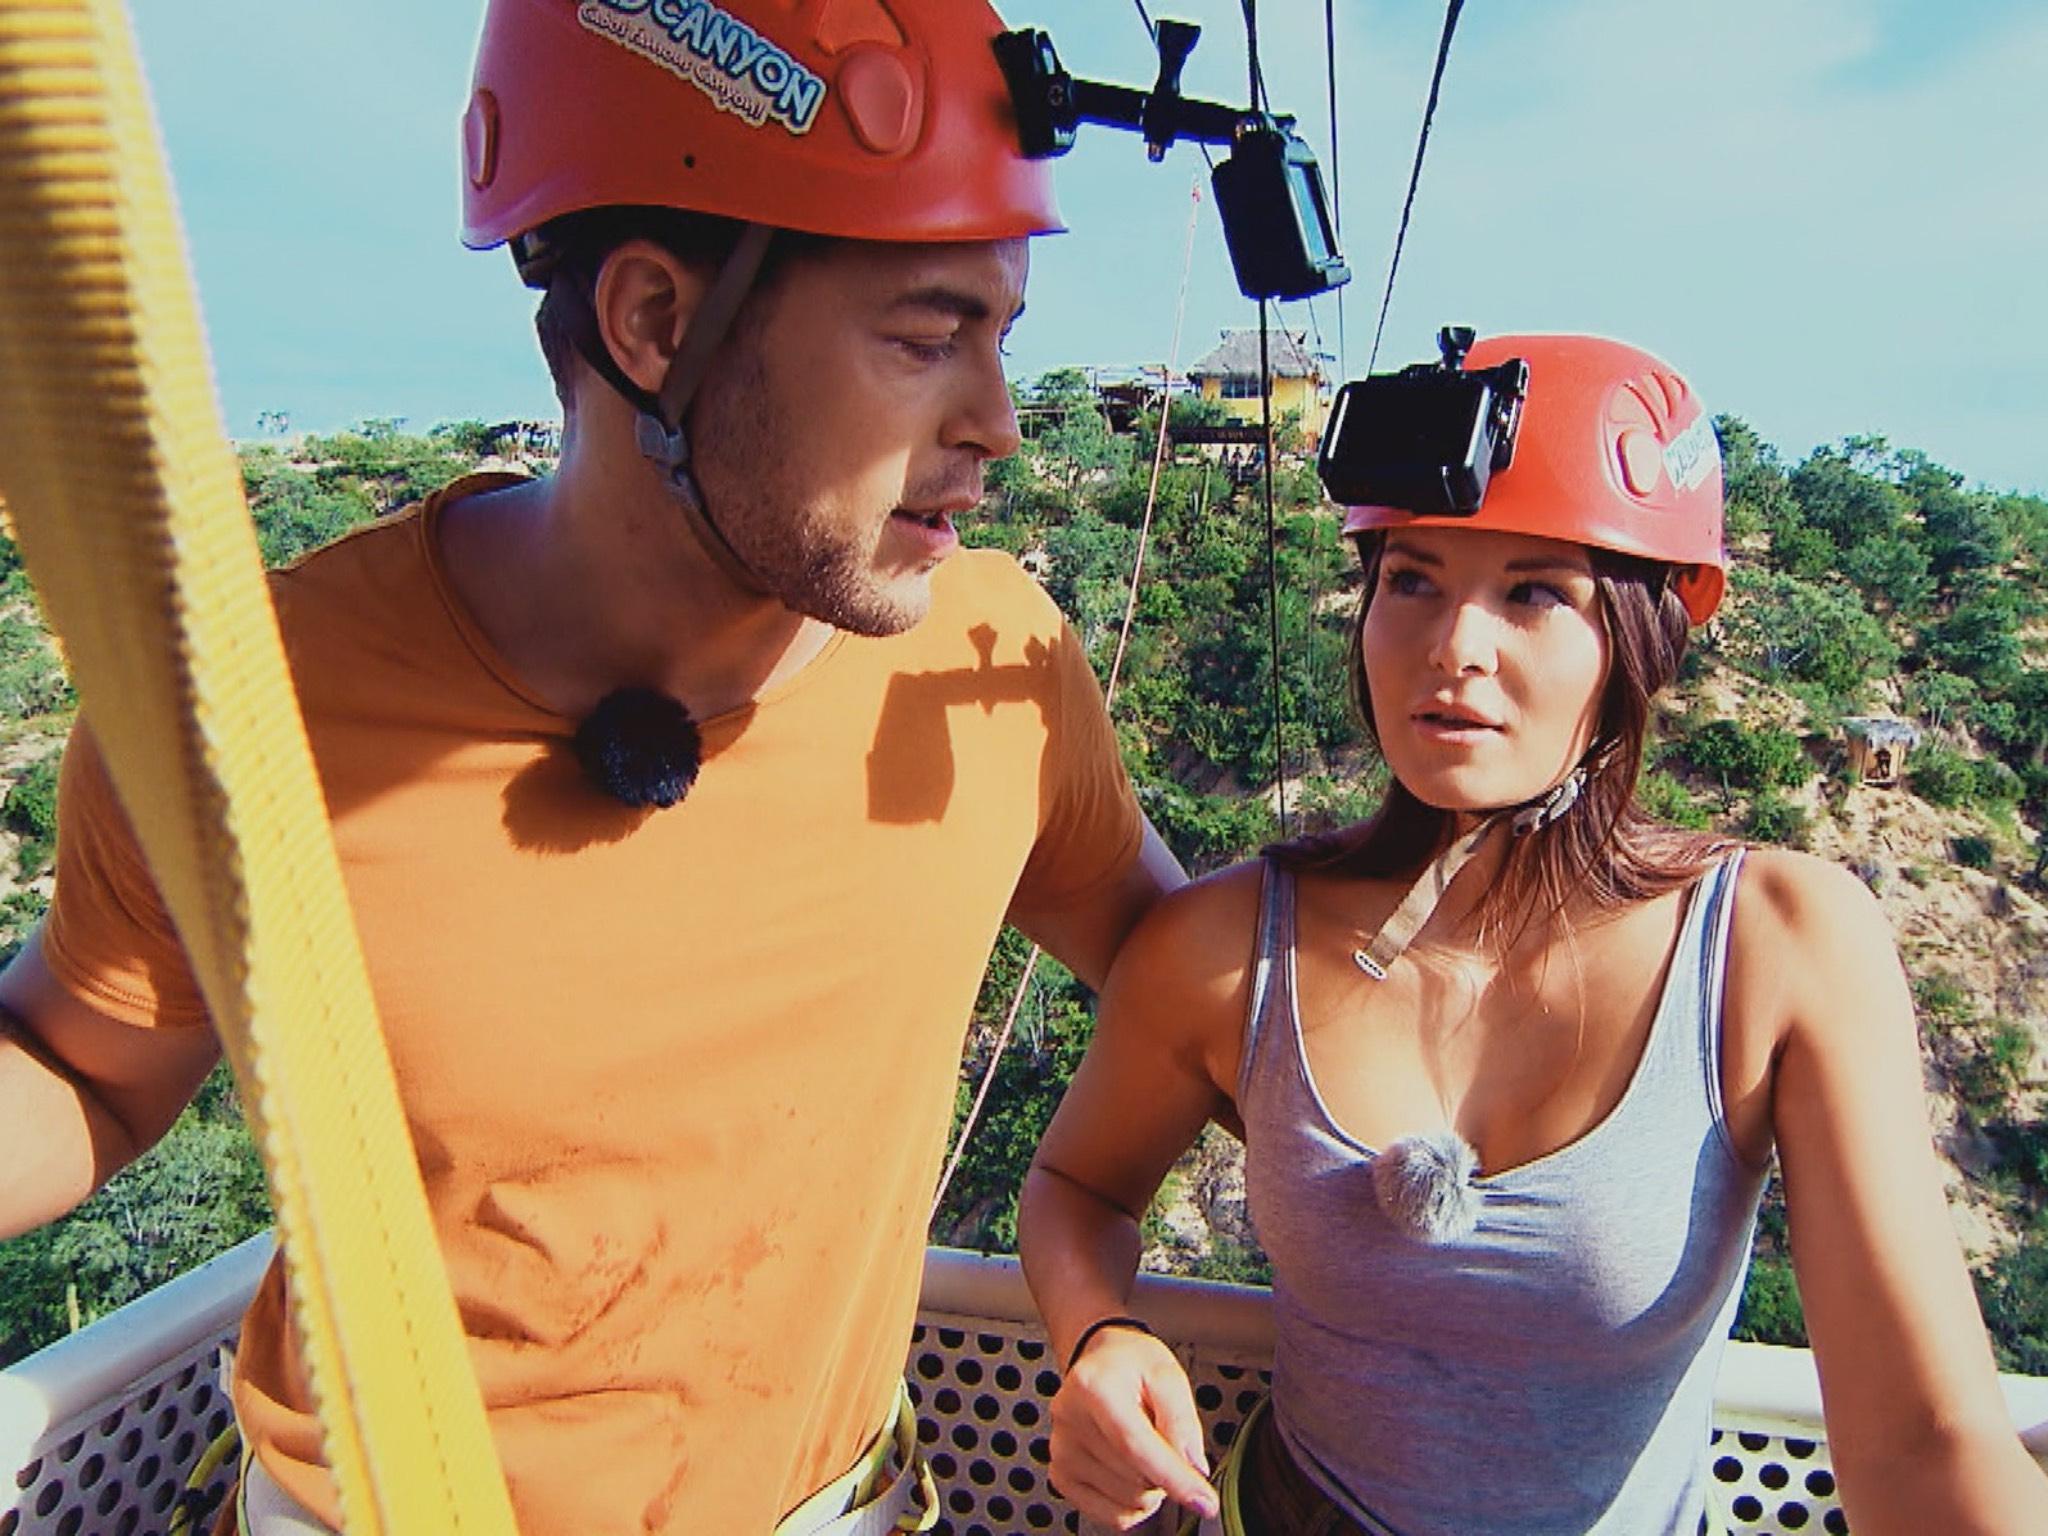 """Andrej will mit Claudia einen adrenalinreichen Sprung in die Tiefe wagen. Sie ist allerdings von der Idee noch nicht ganz so begeistert. """"Alle Episoden von """"Der Bachelor"""" bei TVNOW: www.tvnow.de"""". Foto: MG RTL D"""